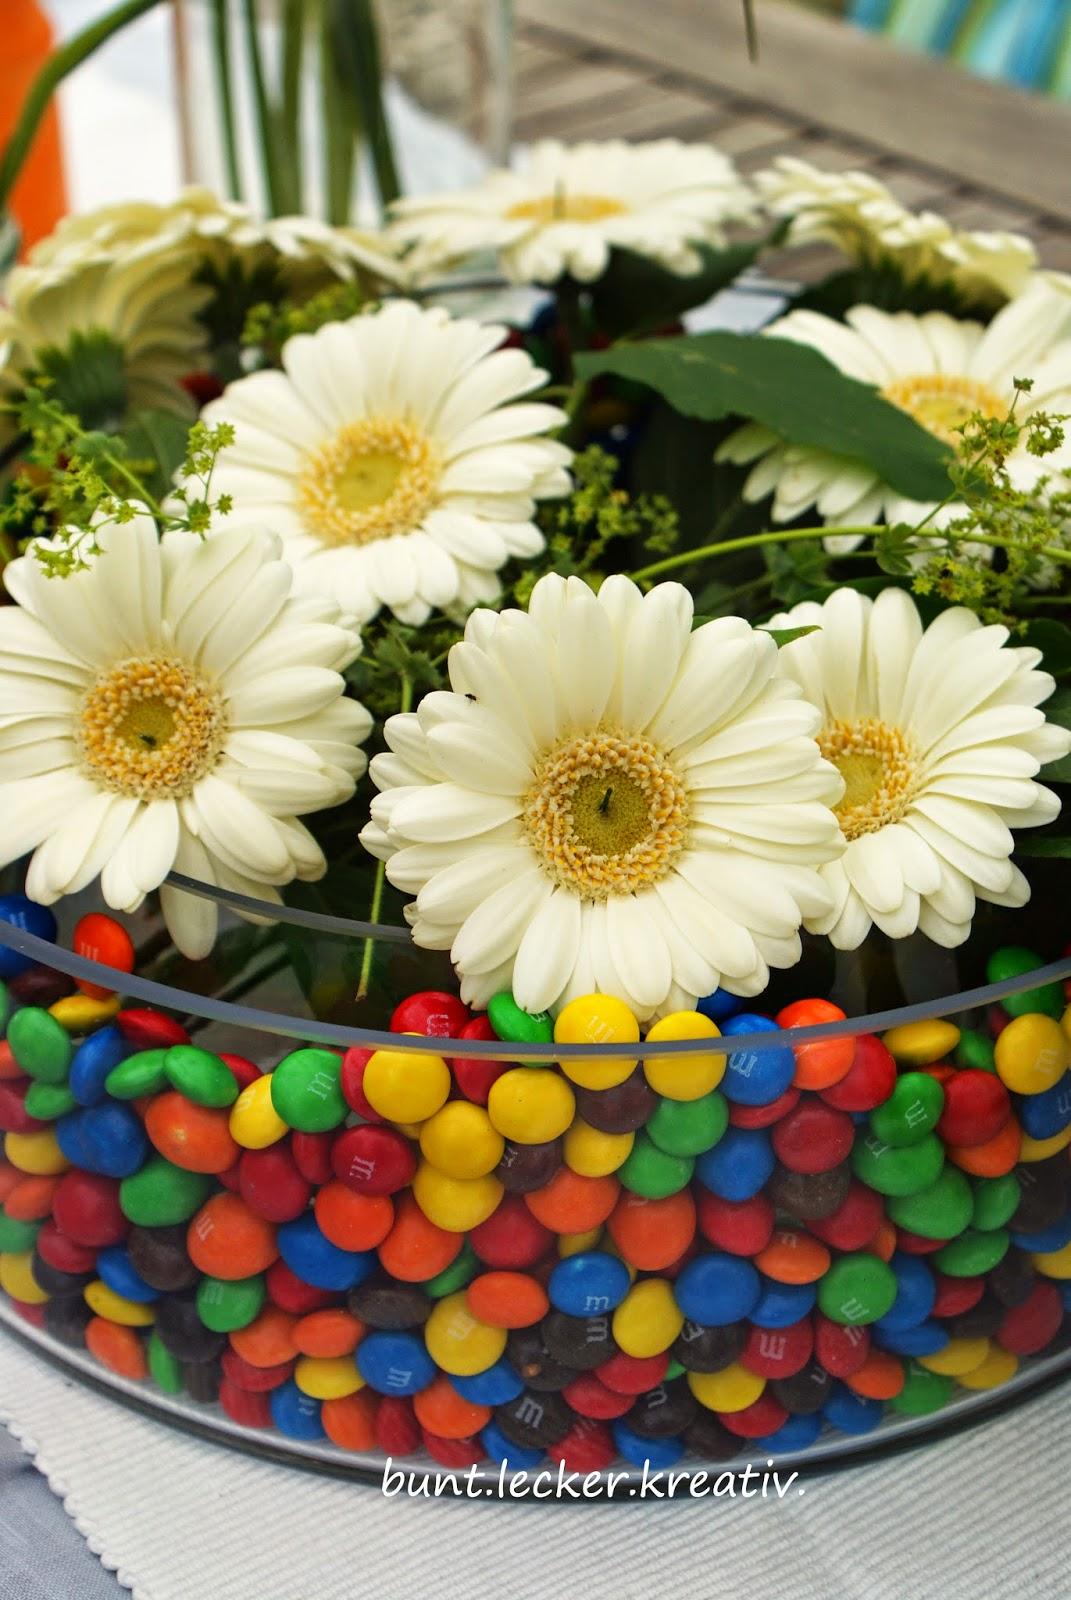 Grosse Party Zum 5 Geburtstag Bunt Lecker Kreativ